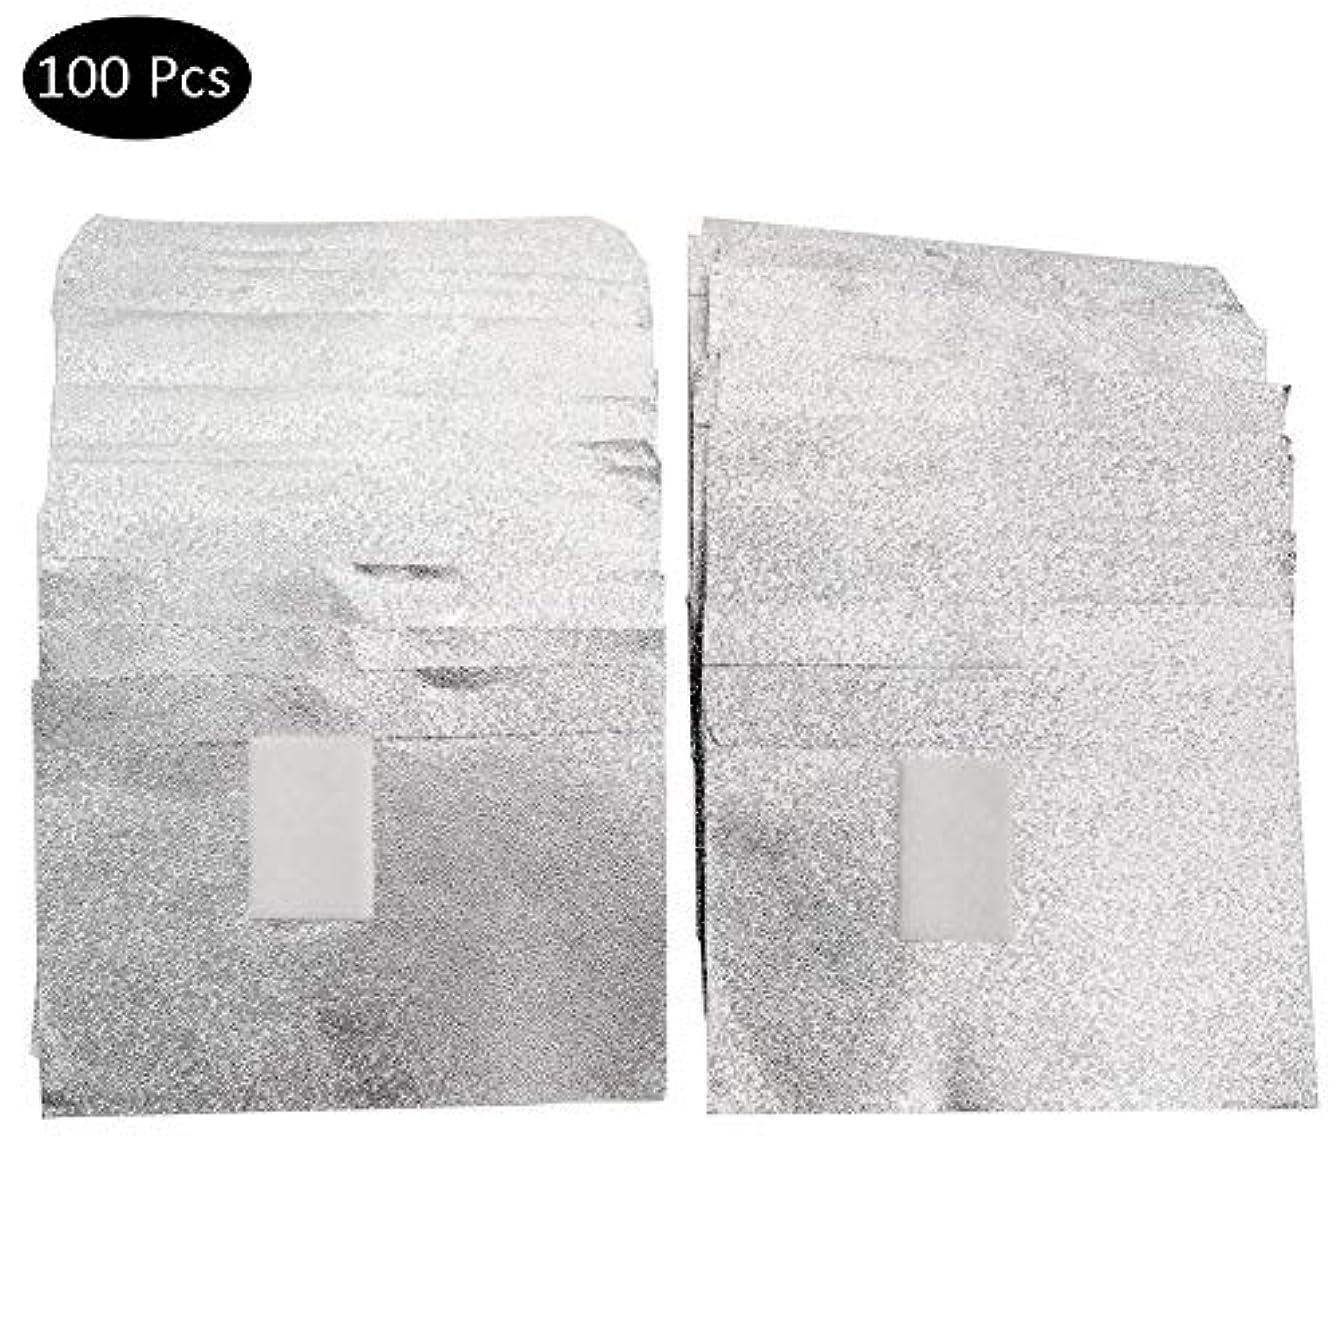 弱点貯水池ピアSILUN ネイルリムーバー錫箔ネイルポリッシュットン付きアルミホイル ジェル除却 使い捨て 爪マニキュア用品100枚入り使い捨て コットン付きアルミホイル ネイル用品 マニキュア用品